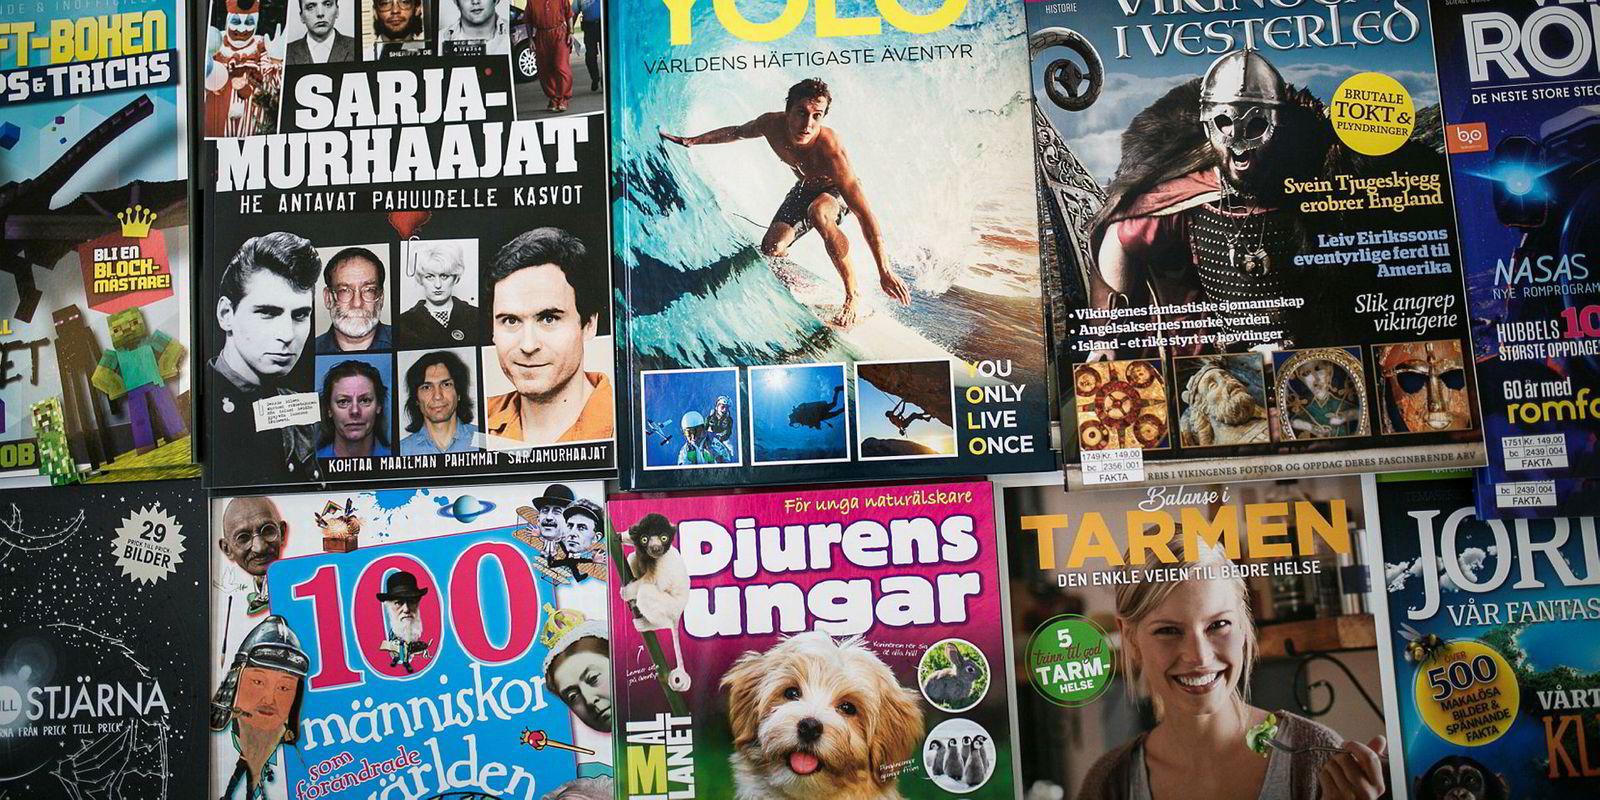 Bokasinene er magasiner med ett tema, som ikke gis ut periodisk. Dermed slipper de moms i Norge, men ikke i de andre nordiske landene.